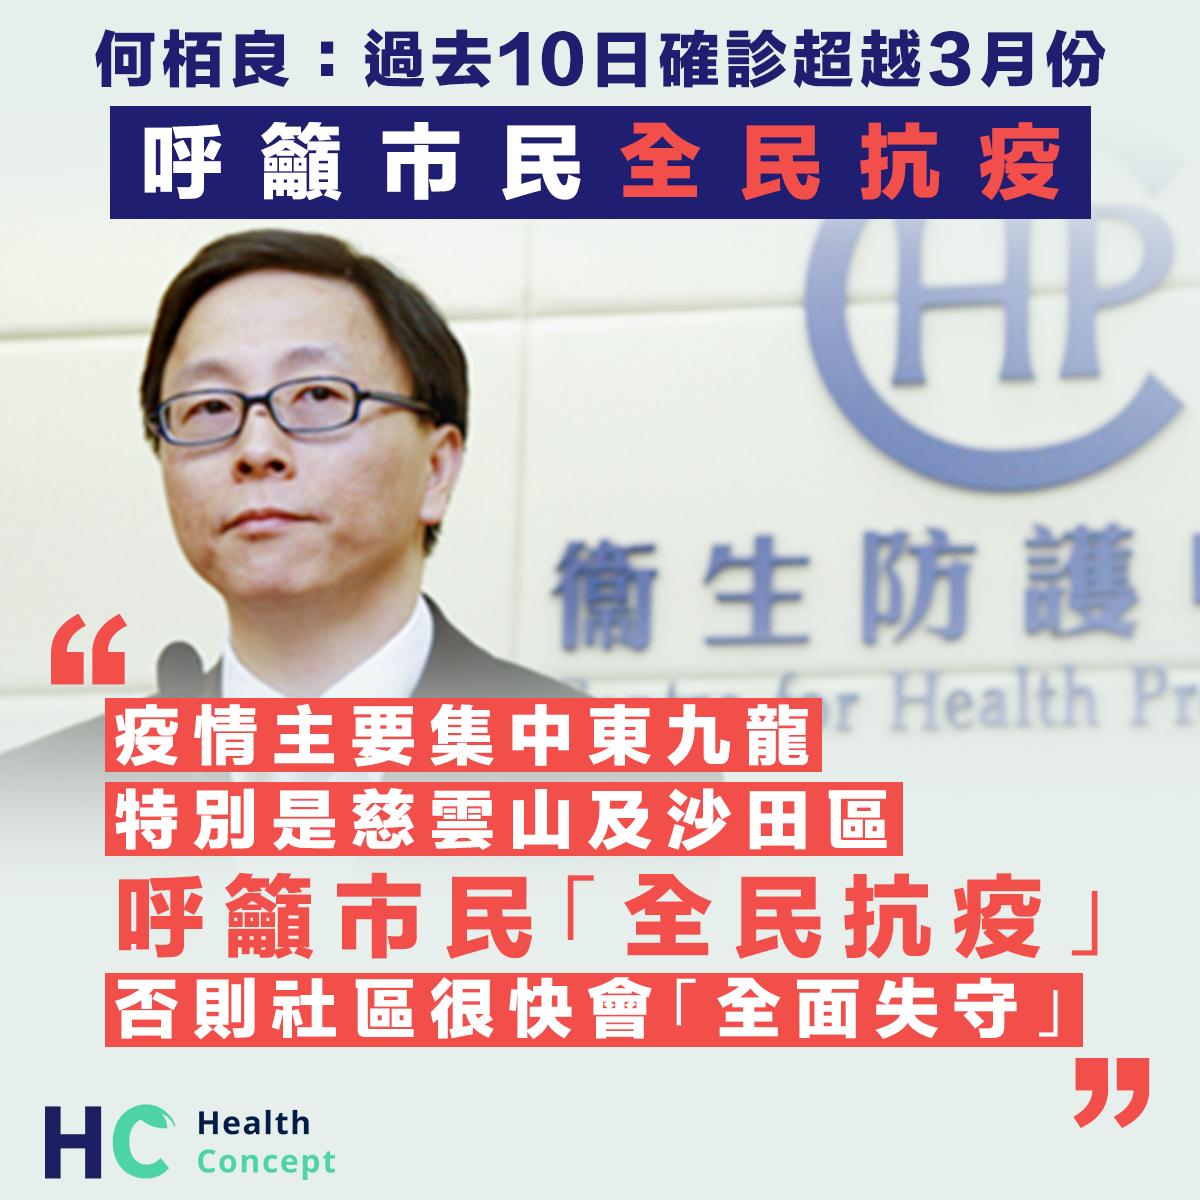 【#新型肺炎】何栢良:過去10日確診超越3月份 呼籲市民全民抗疫